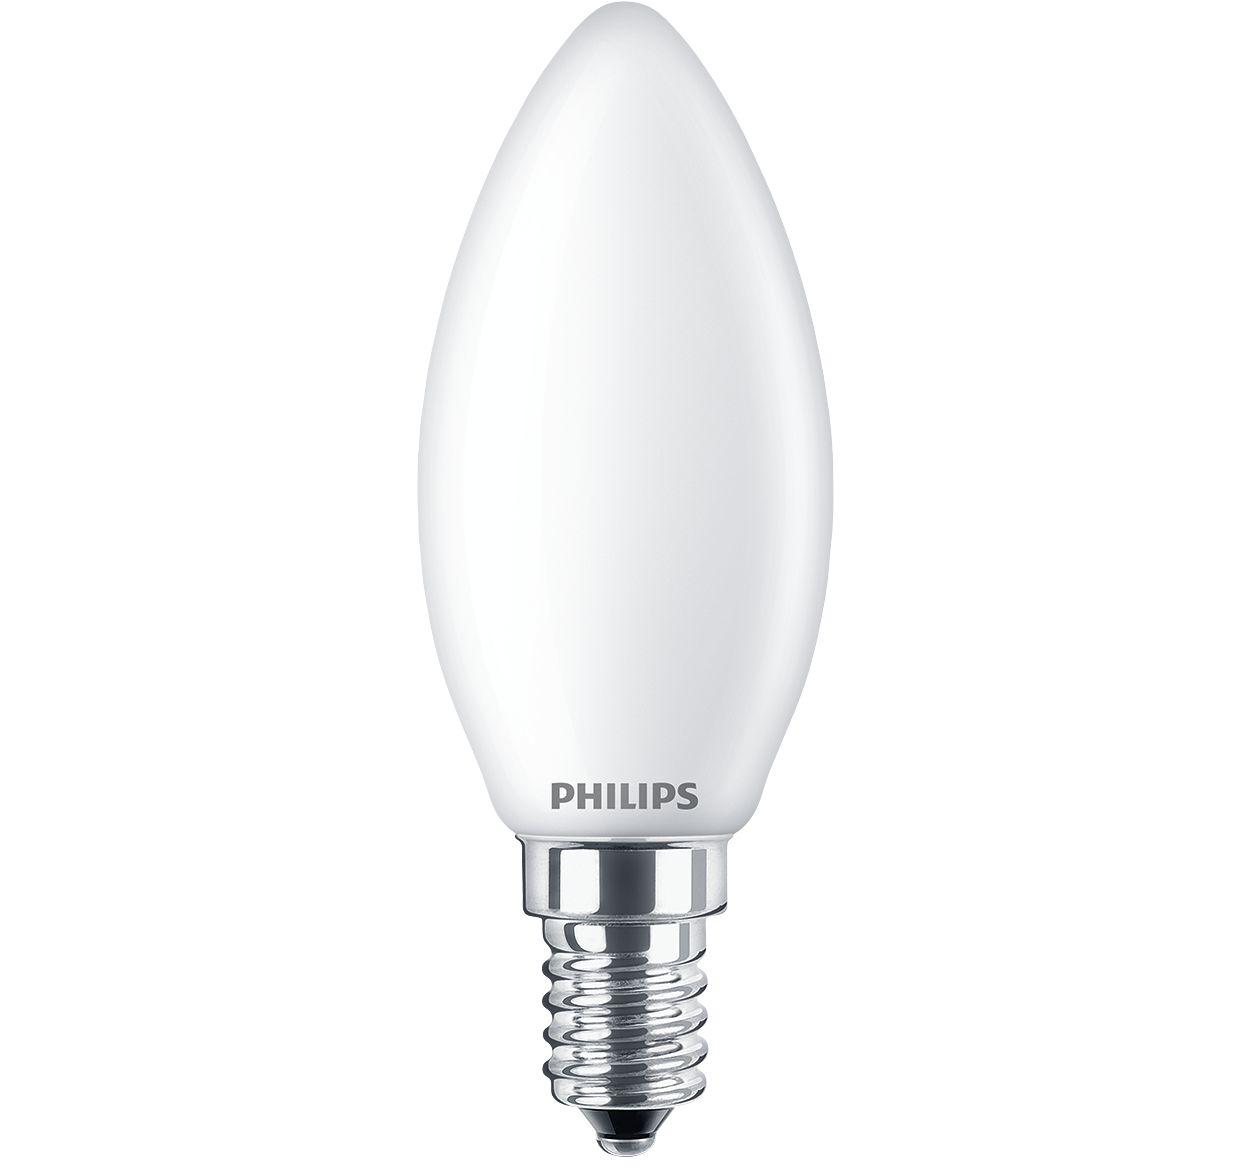 Philips Lampadina a LED Lampadina a LED - Incacan25